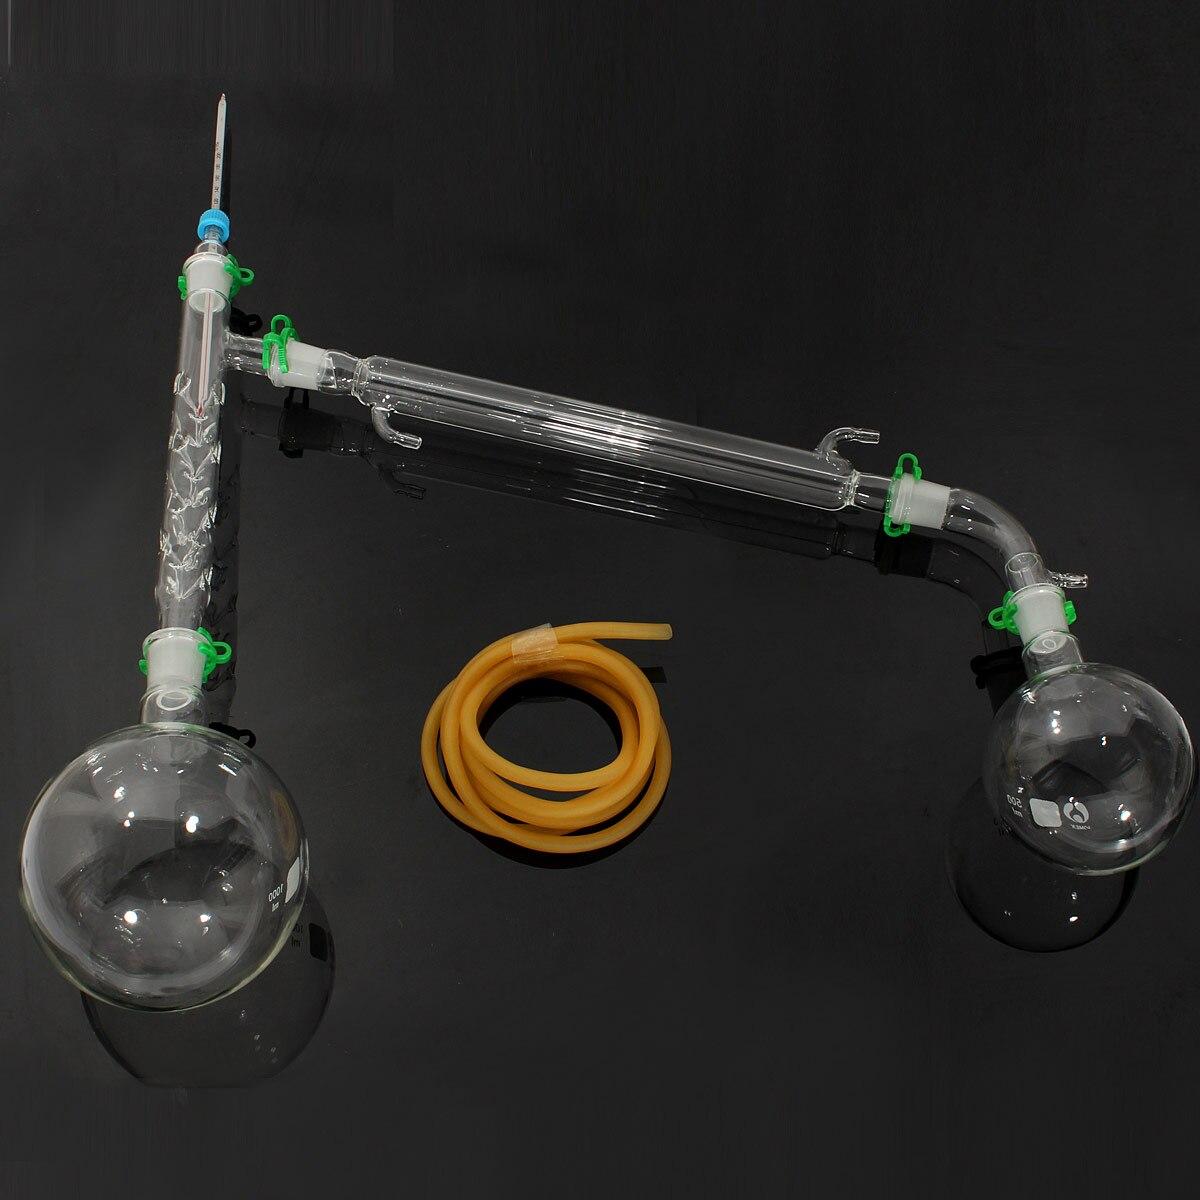 1000 ml appareil de distillation Laboratoire Chimie Verrerie Kit Ensemble Laboratoire De Chimie En Verre Distiller appareil de distillation 24/29